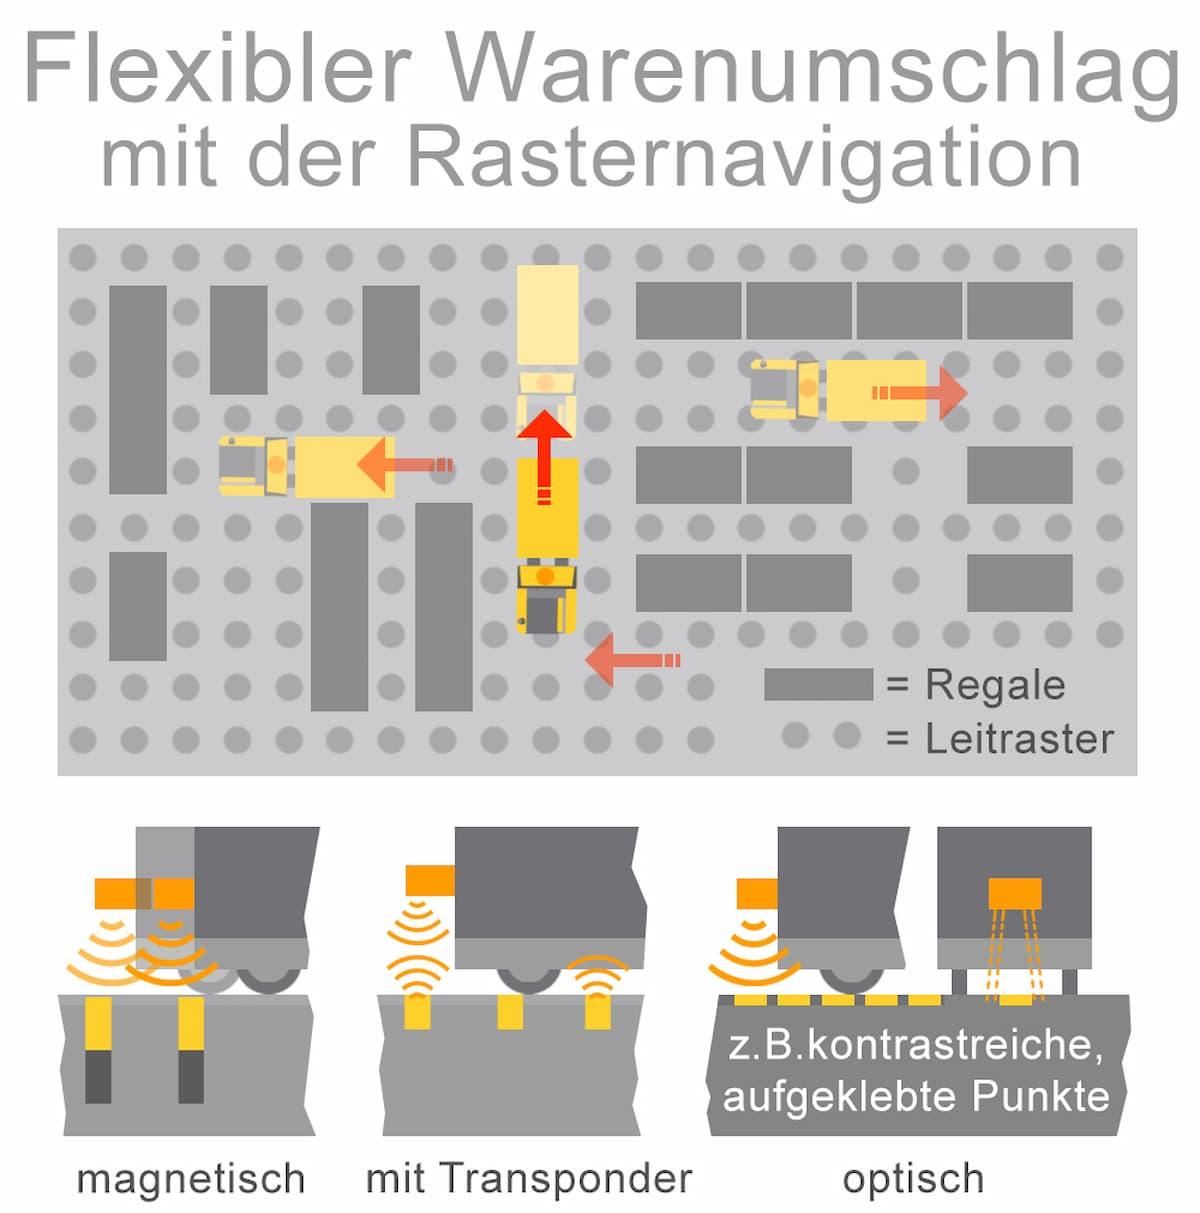 Flexibler Warenumschlag mit der Rasternavigation